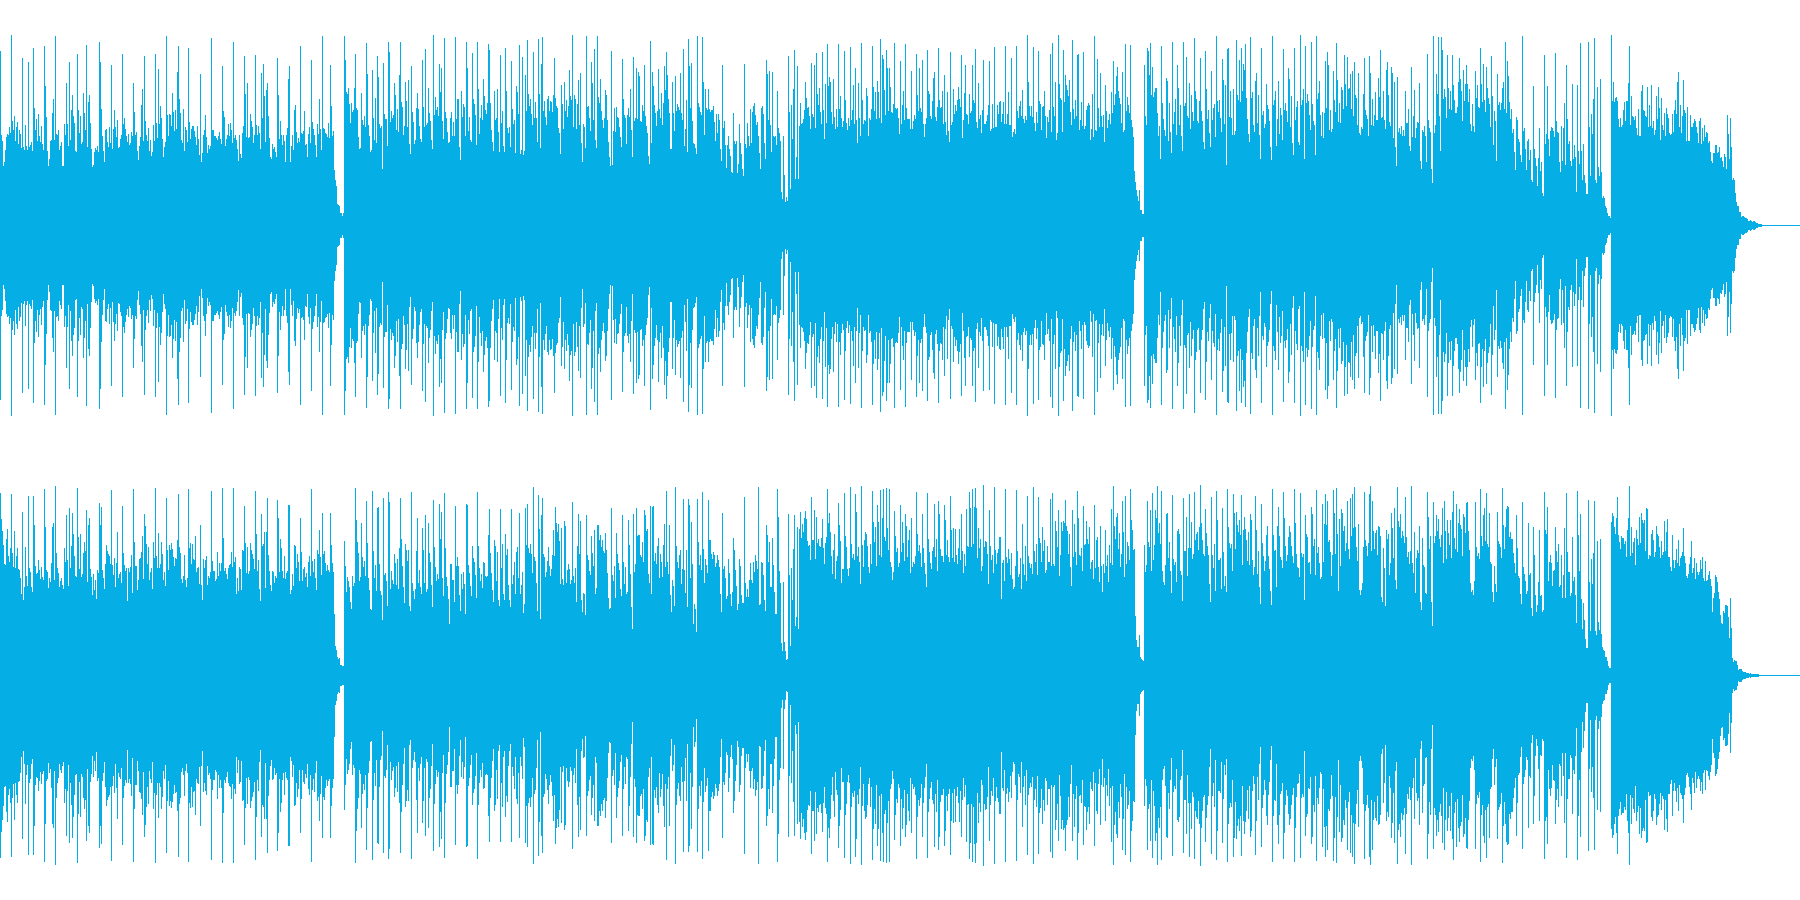 ヘヴィーなリフのロック の再生済みの波形